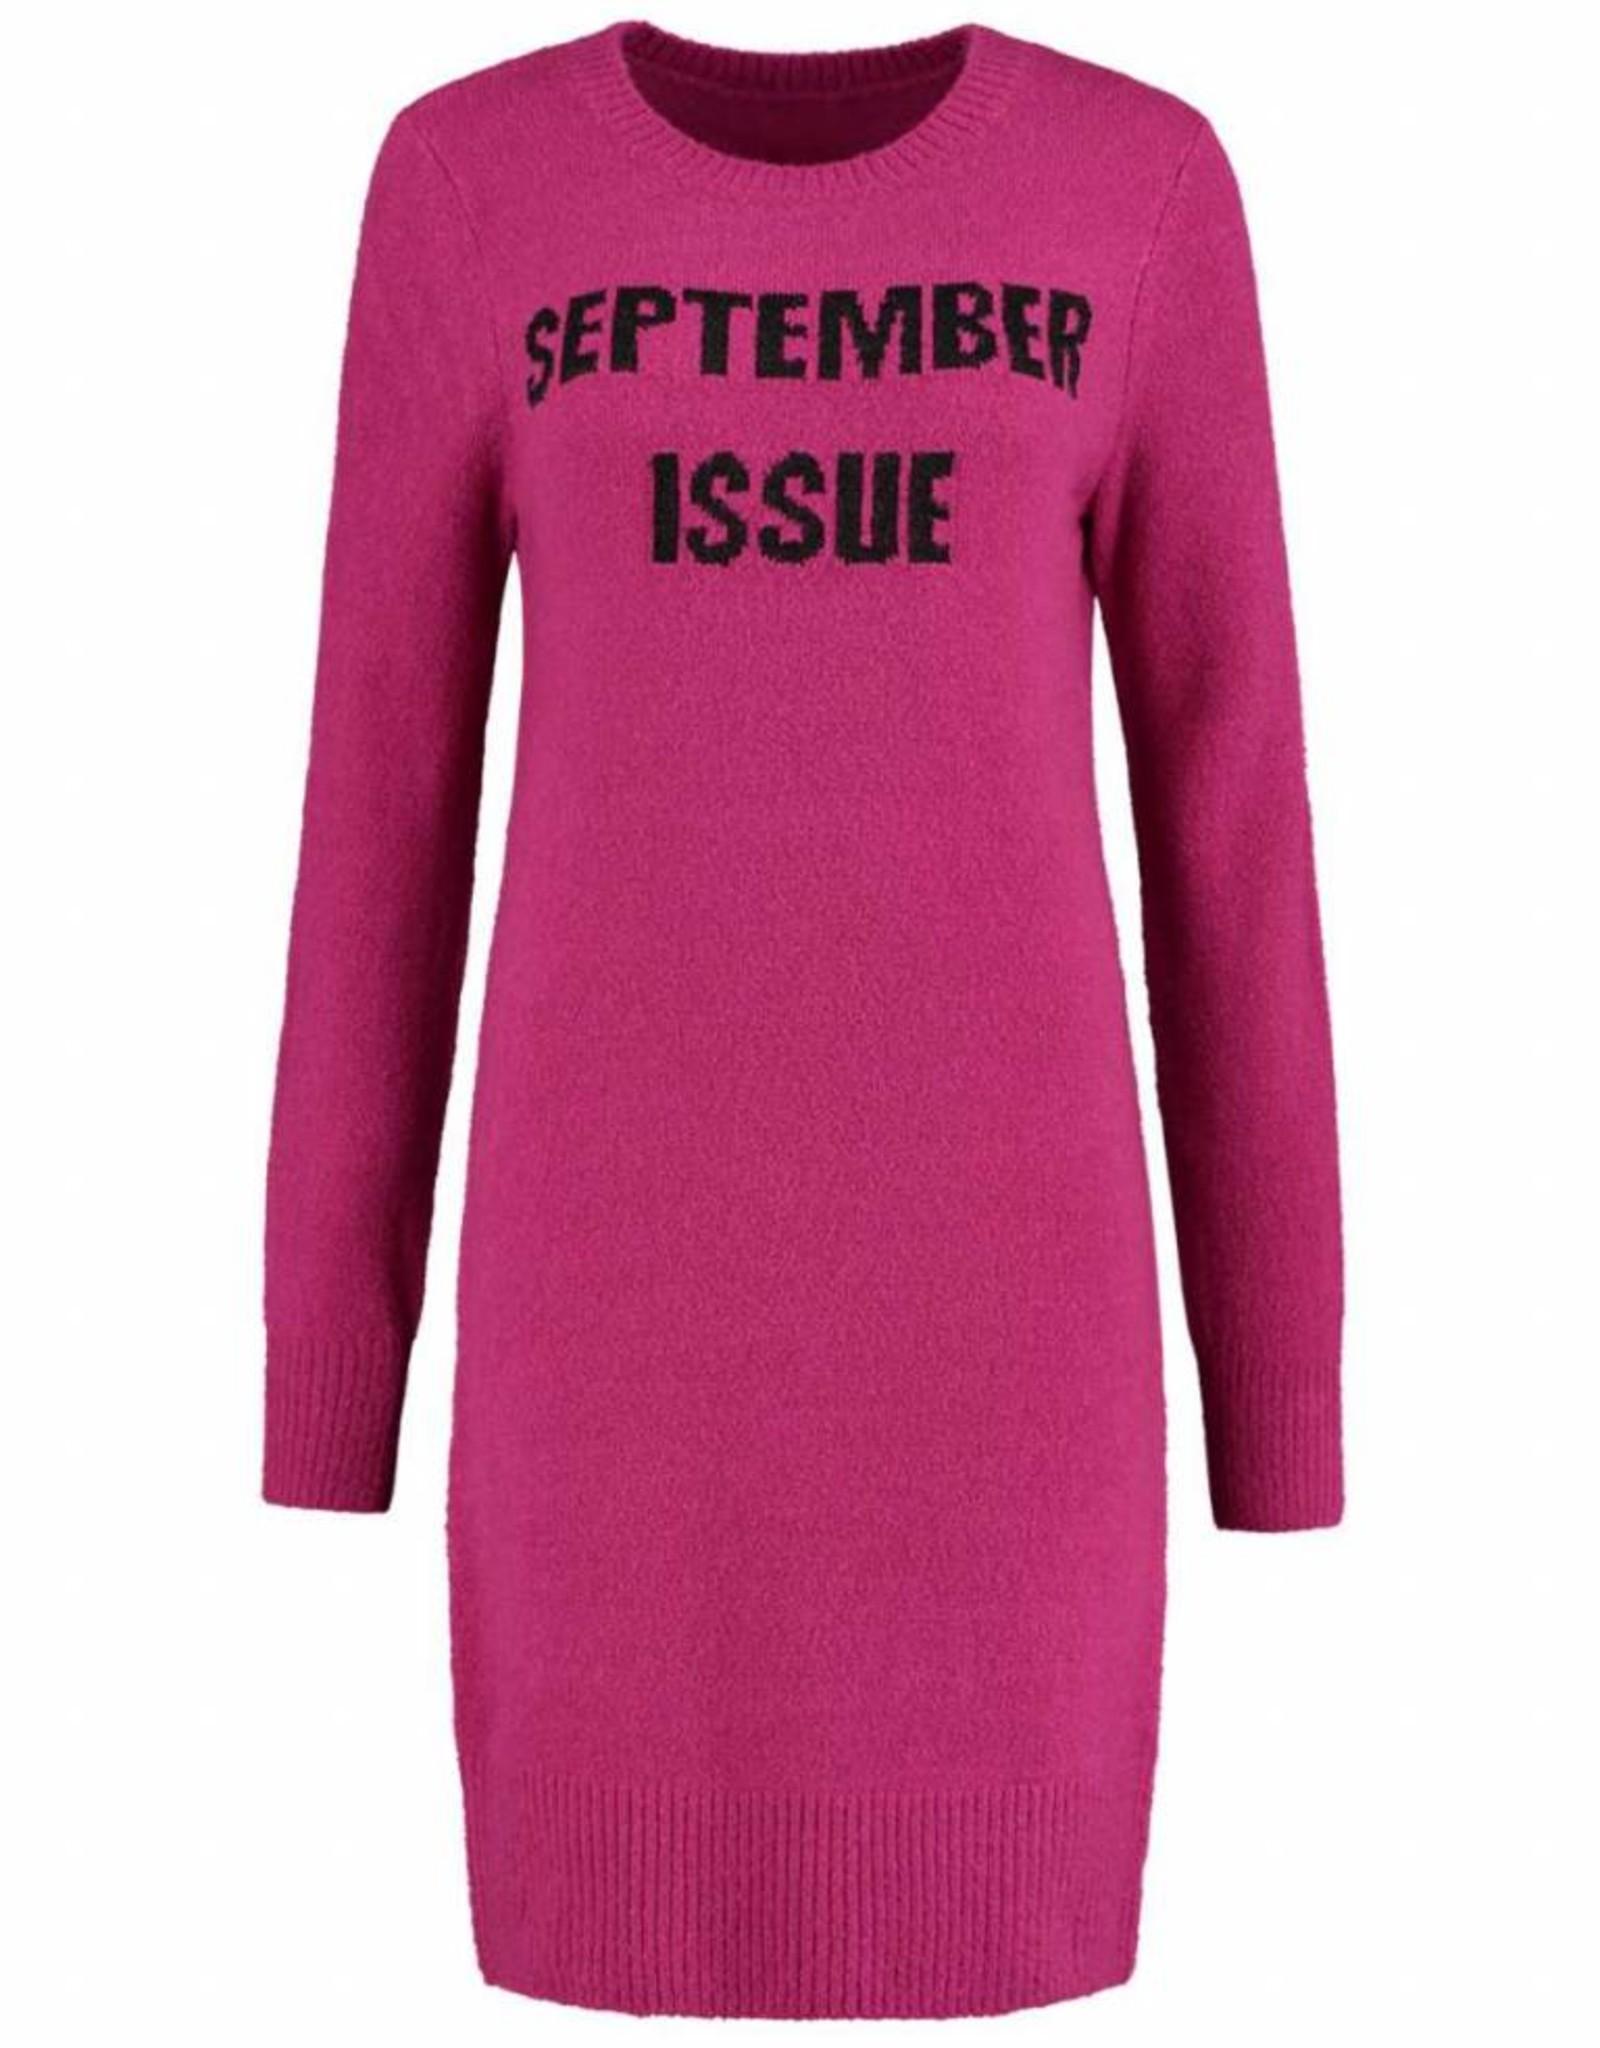 Nikkie September Issue Dress N7-4971805